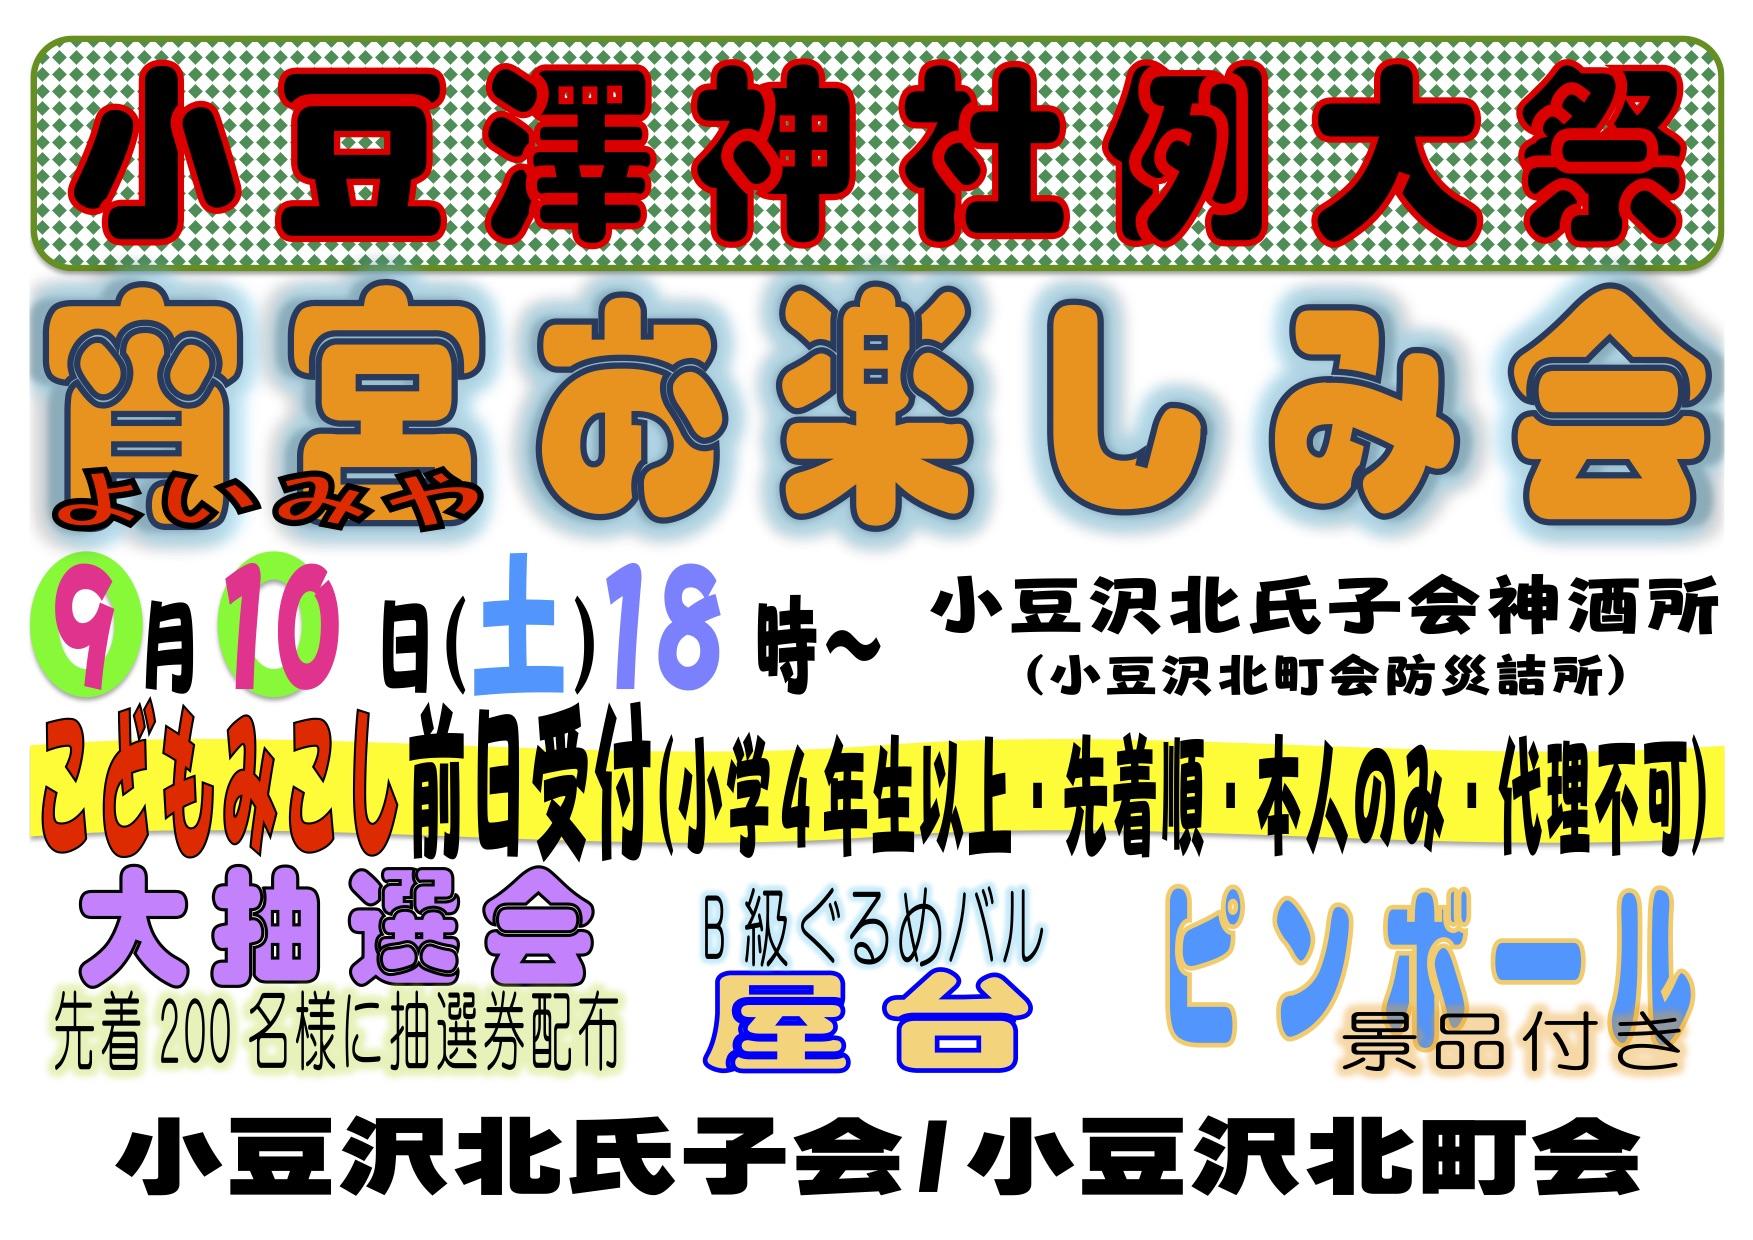 2016年9月10日(土)宵宮